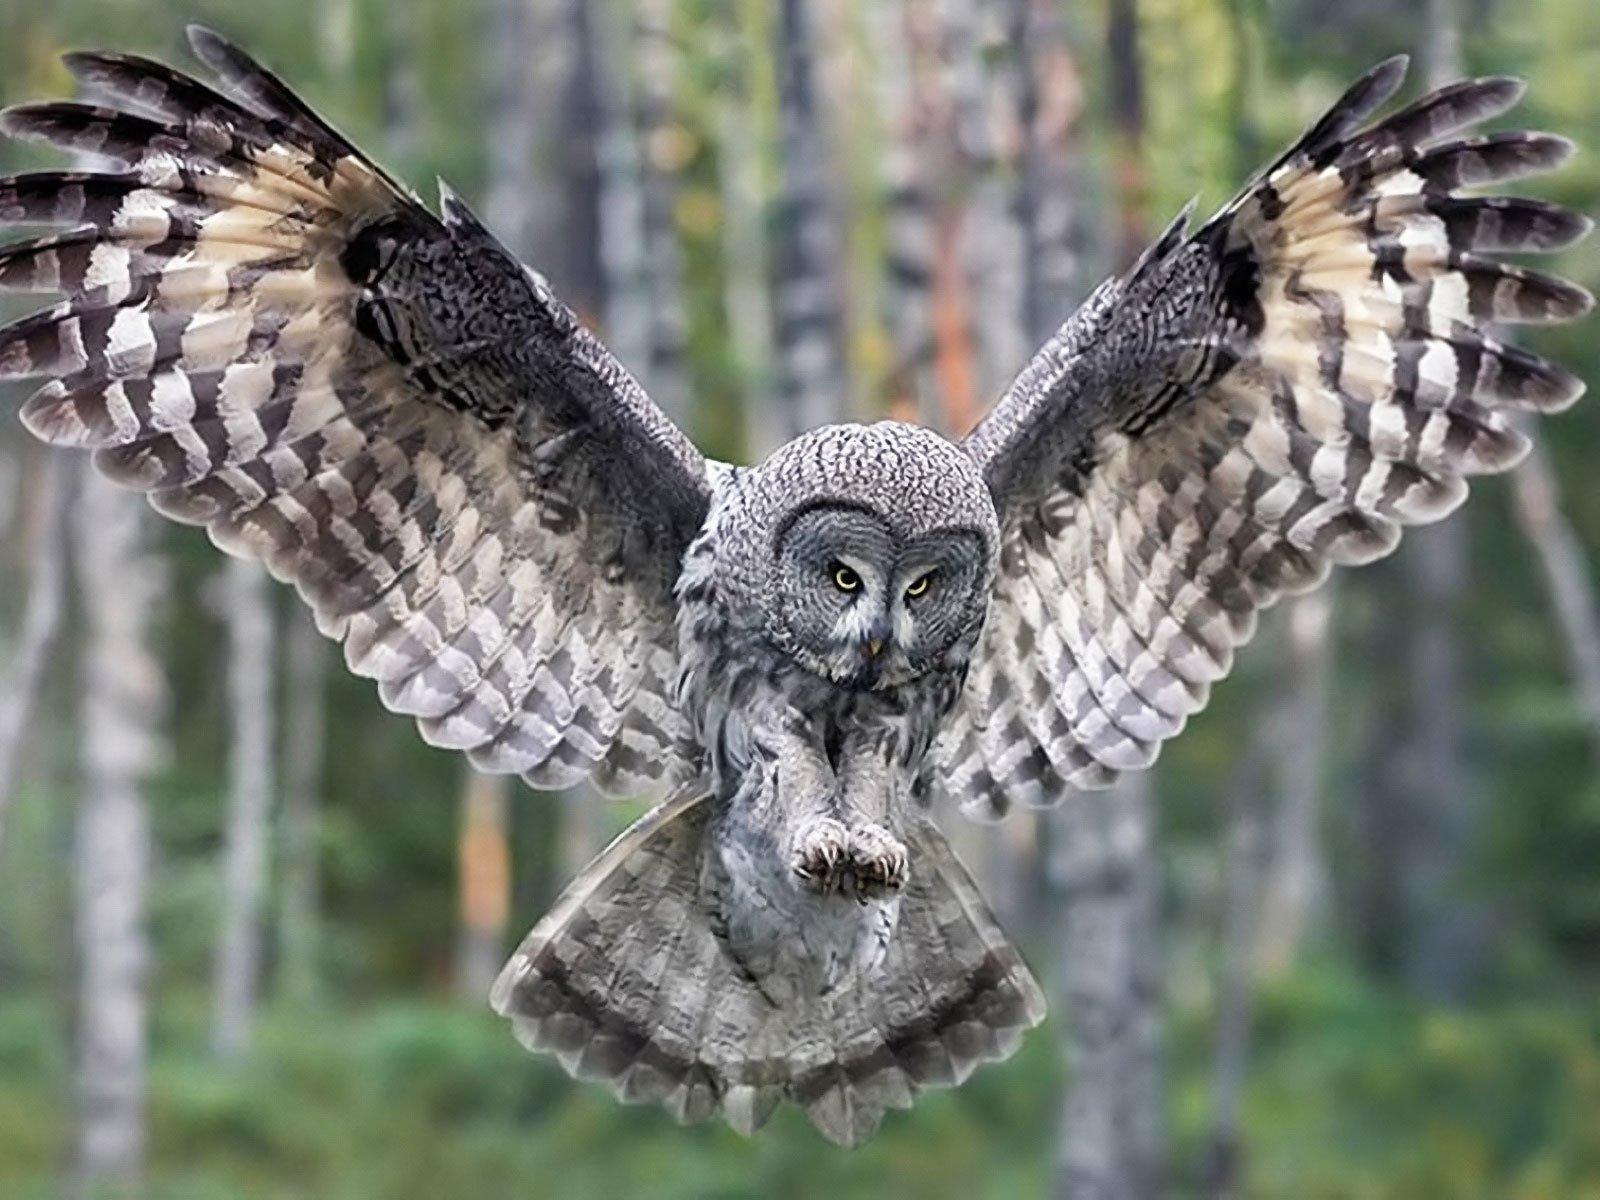 Nolwenn_s_Great_Gray_Owl_Guillaume.jpg